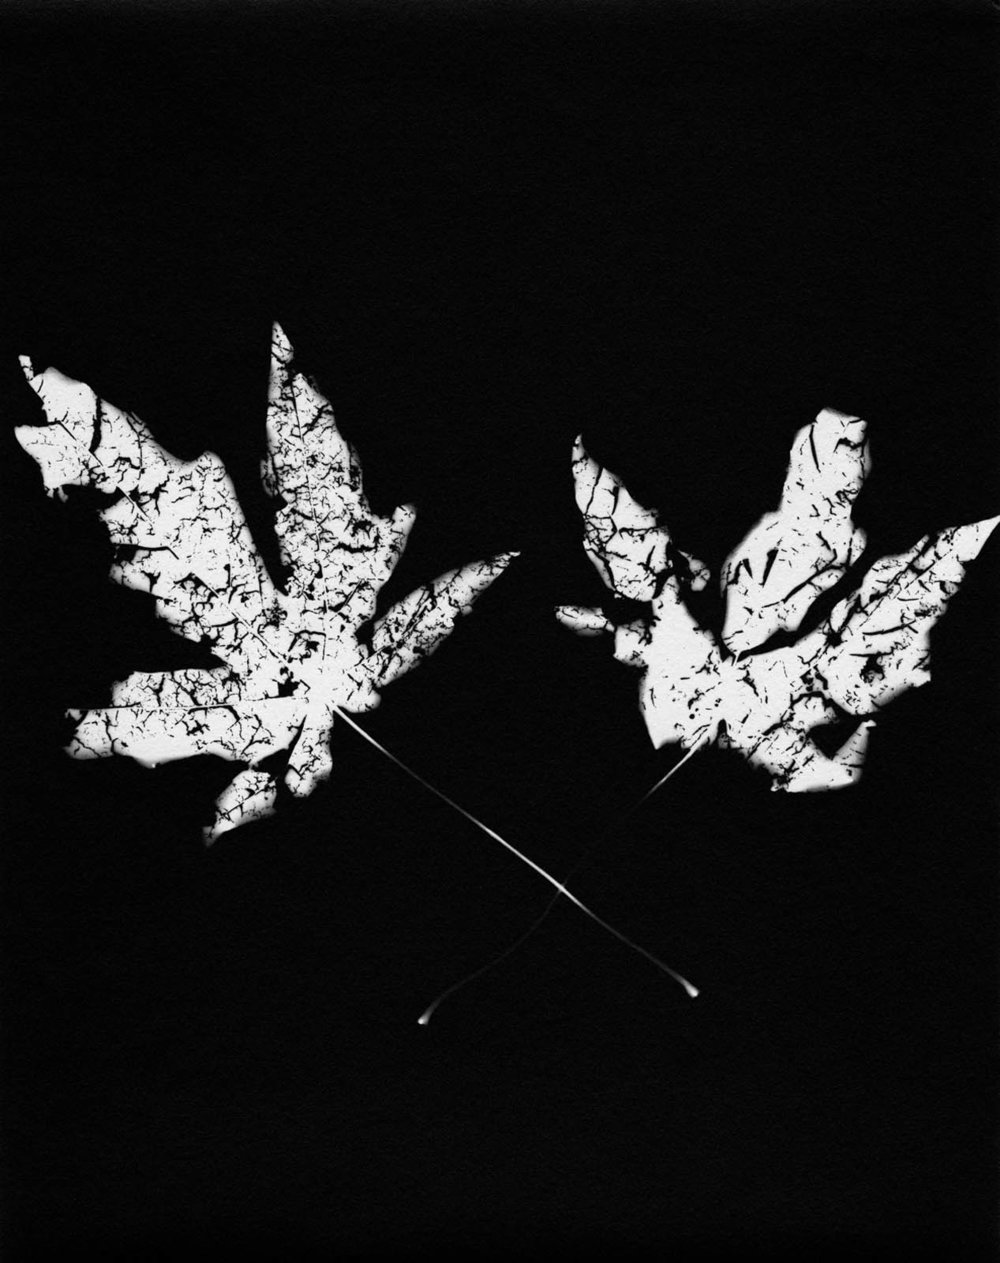 Leaf #11